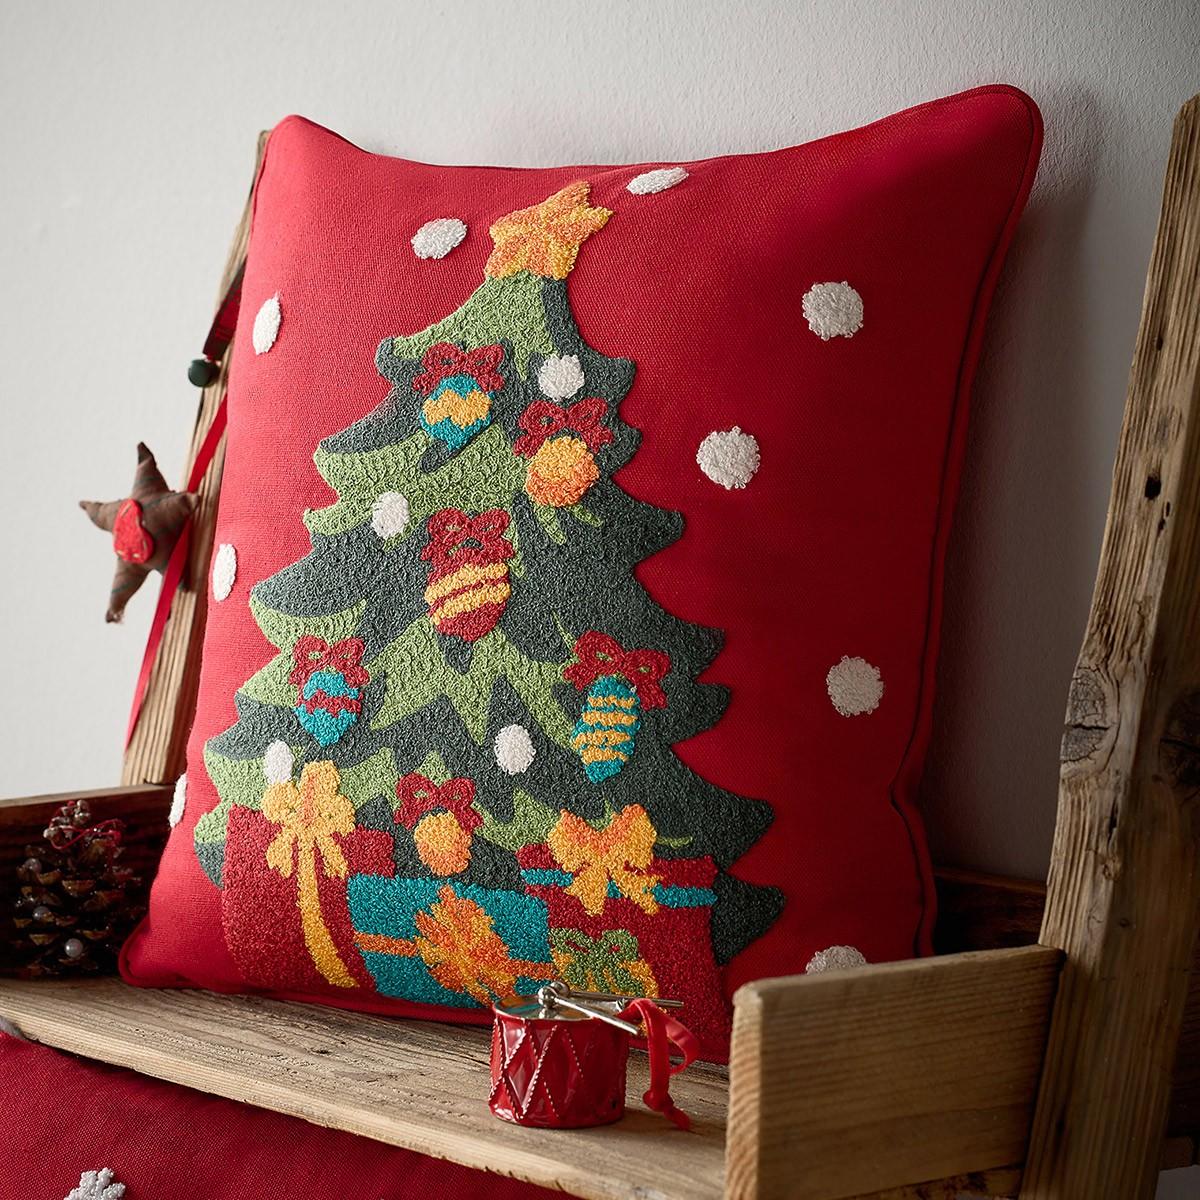 Χριστουγεννιάτικη Μαξιλαροθήκη Gofis Home 583 home   χριστουγεννιάτικα   χριστουγεννιάτικα μαξιλάρια